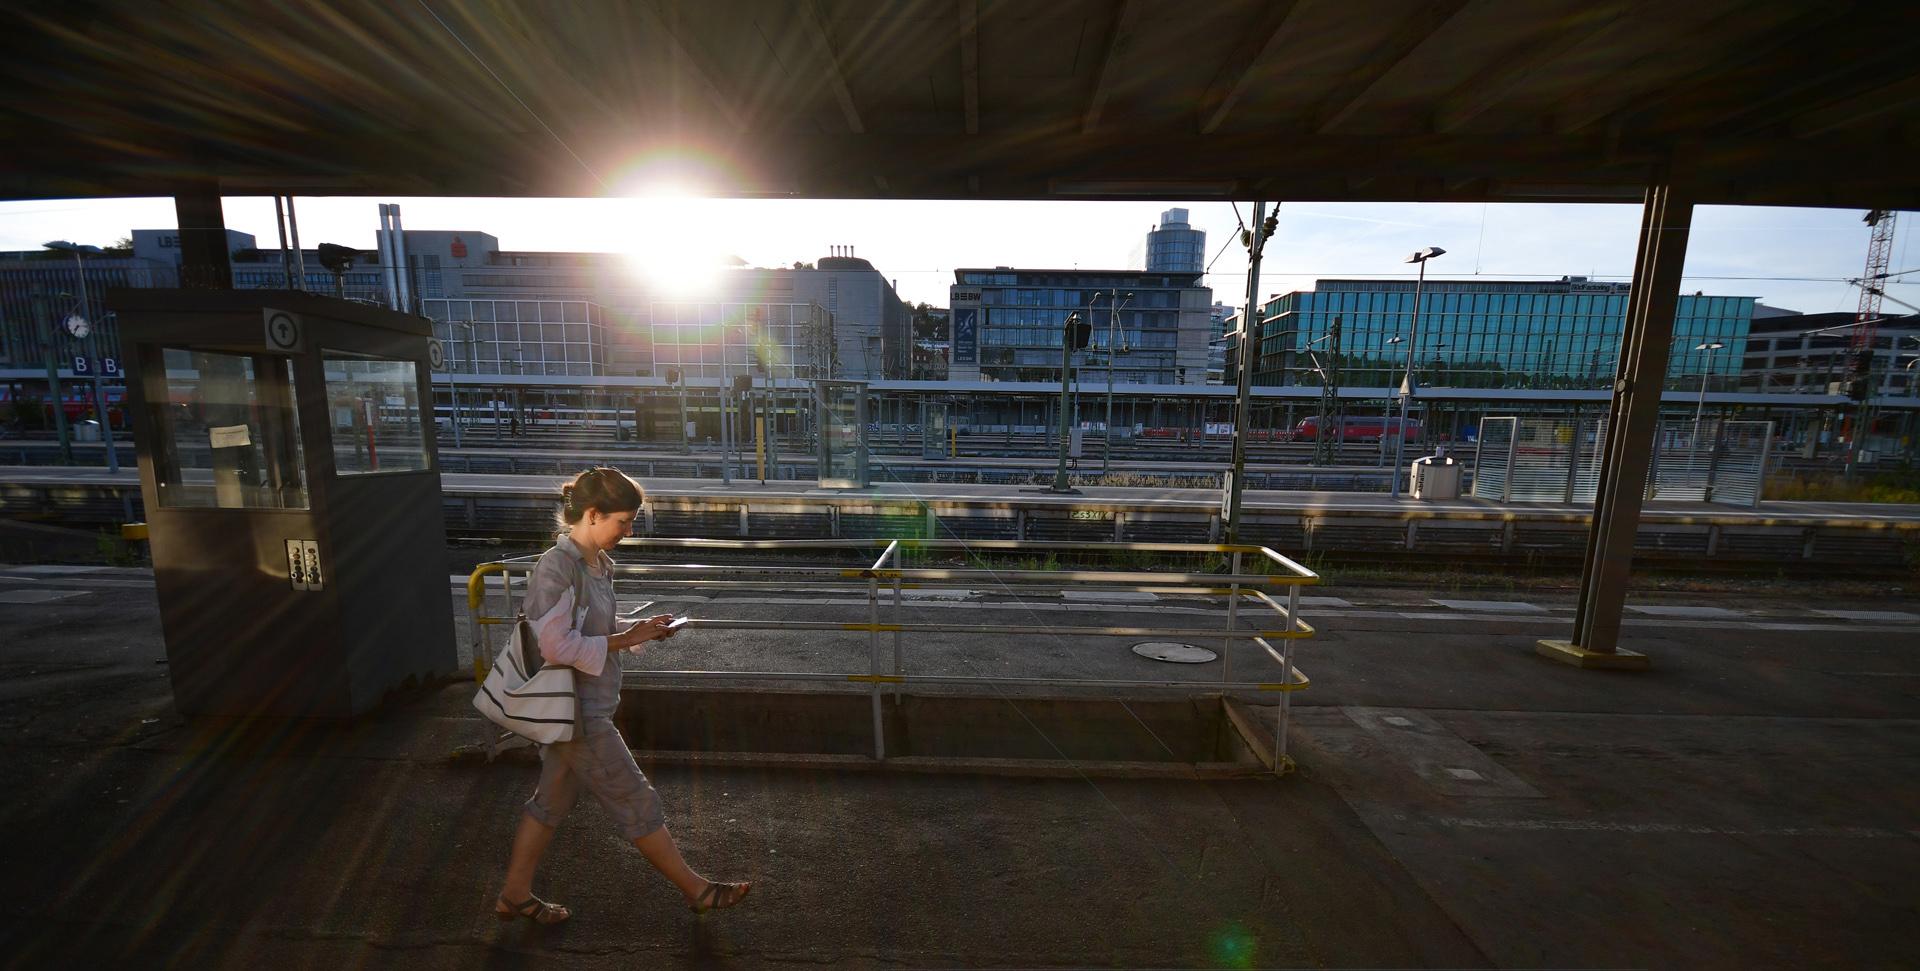 אוריינט אקספרס - תחנת רכבת - יואל שתרוג - אדמה יוצרת - yoel sitruk